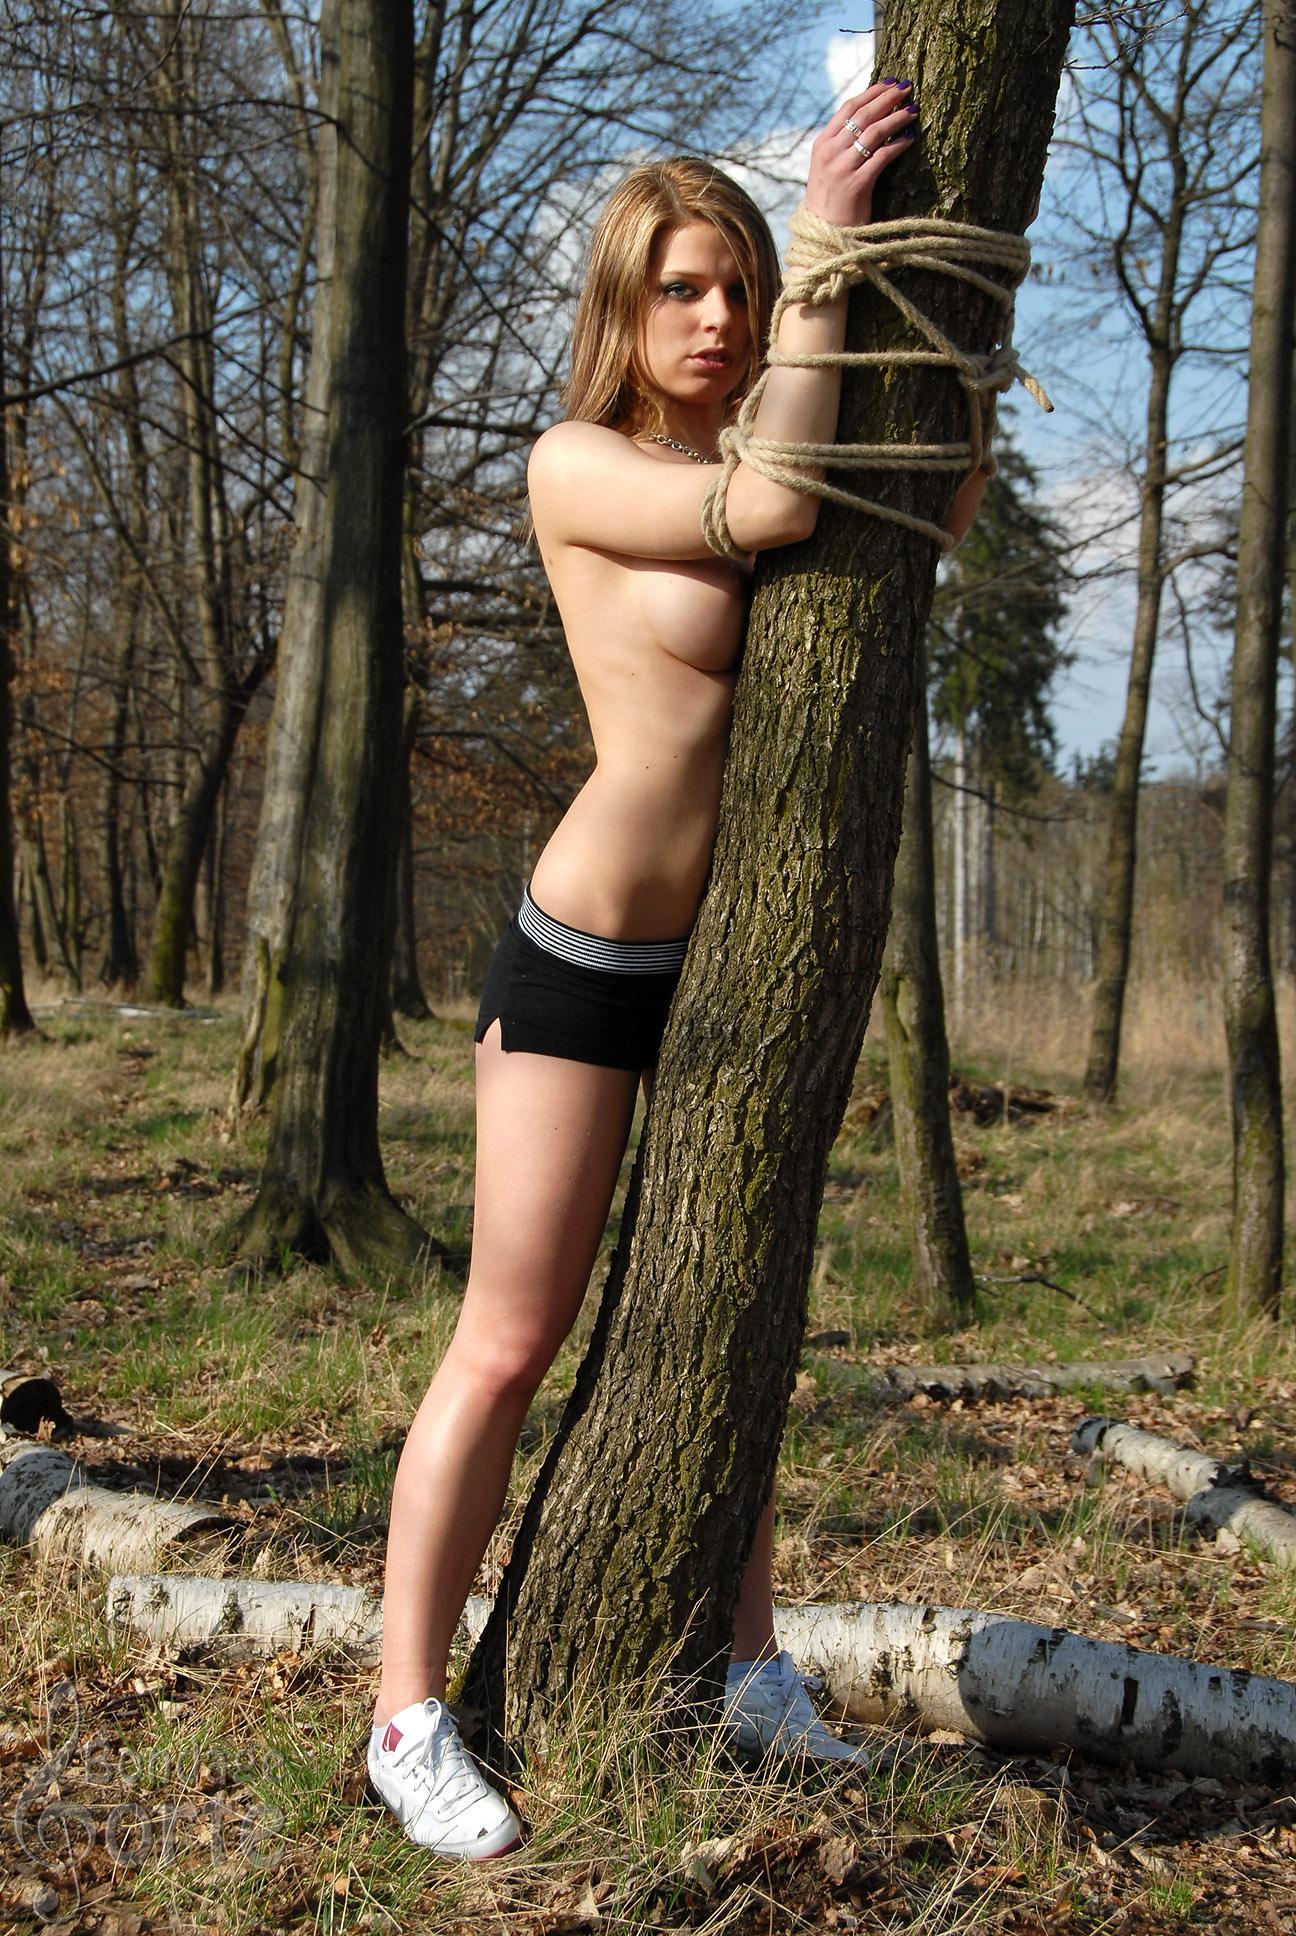 Связанные девушки веревкой фото 18 фотография